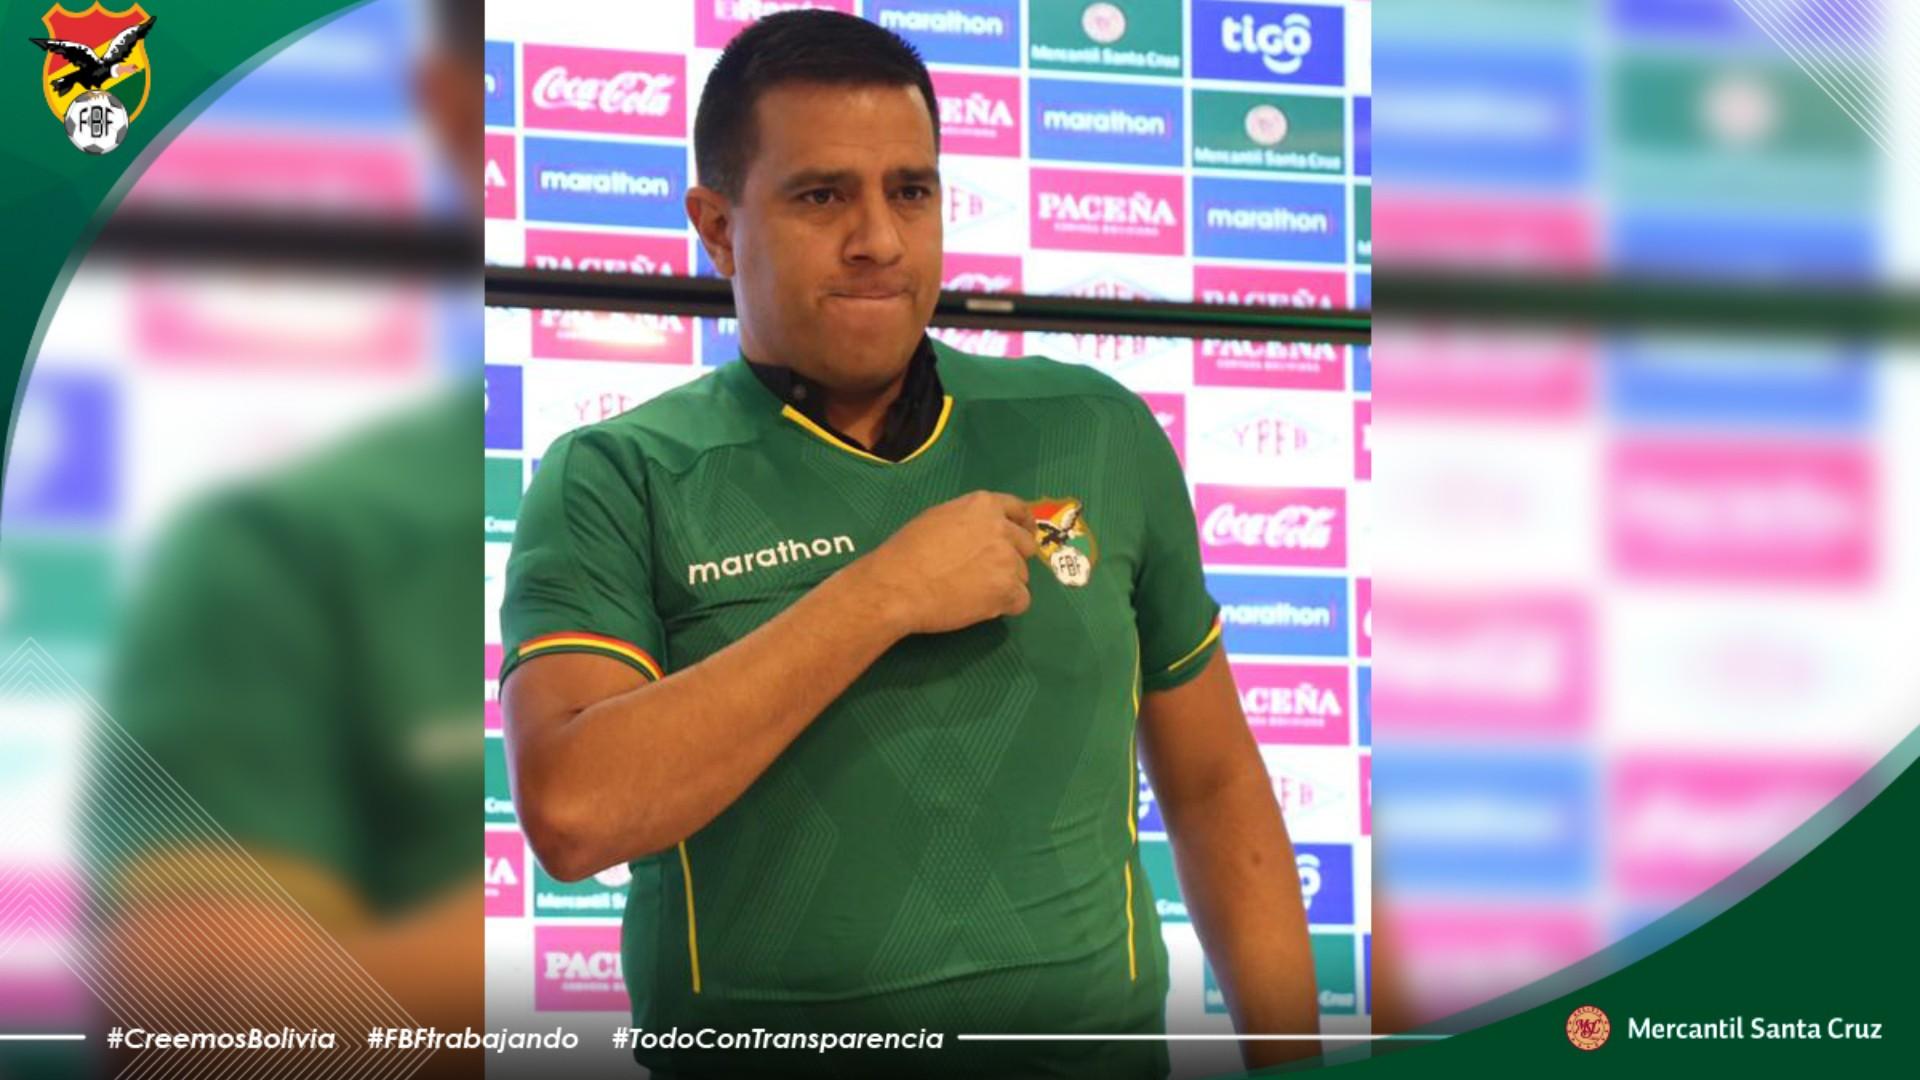 bolivia-perto-de-completar-datas-fifa-de-outubro-com-novo-oponente-Futebol-Latino-27-09